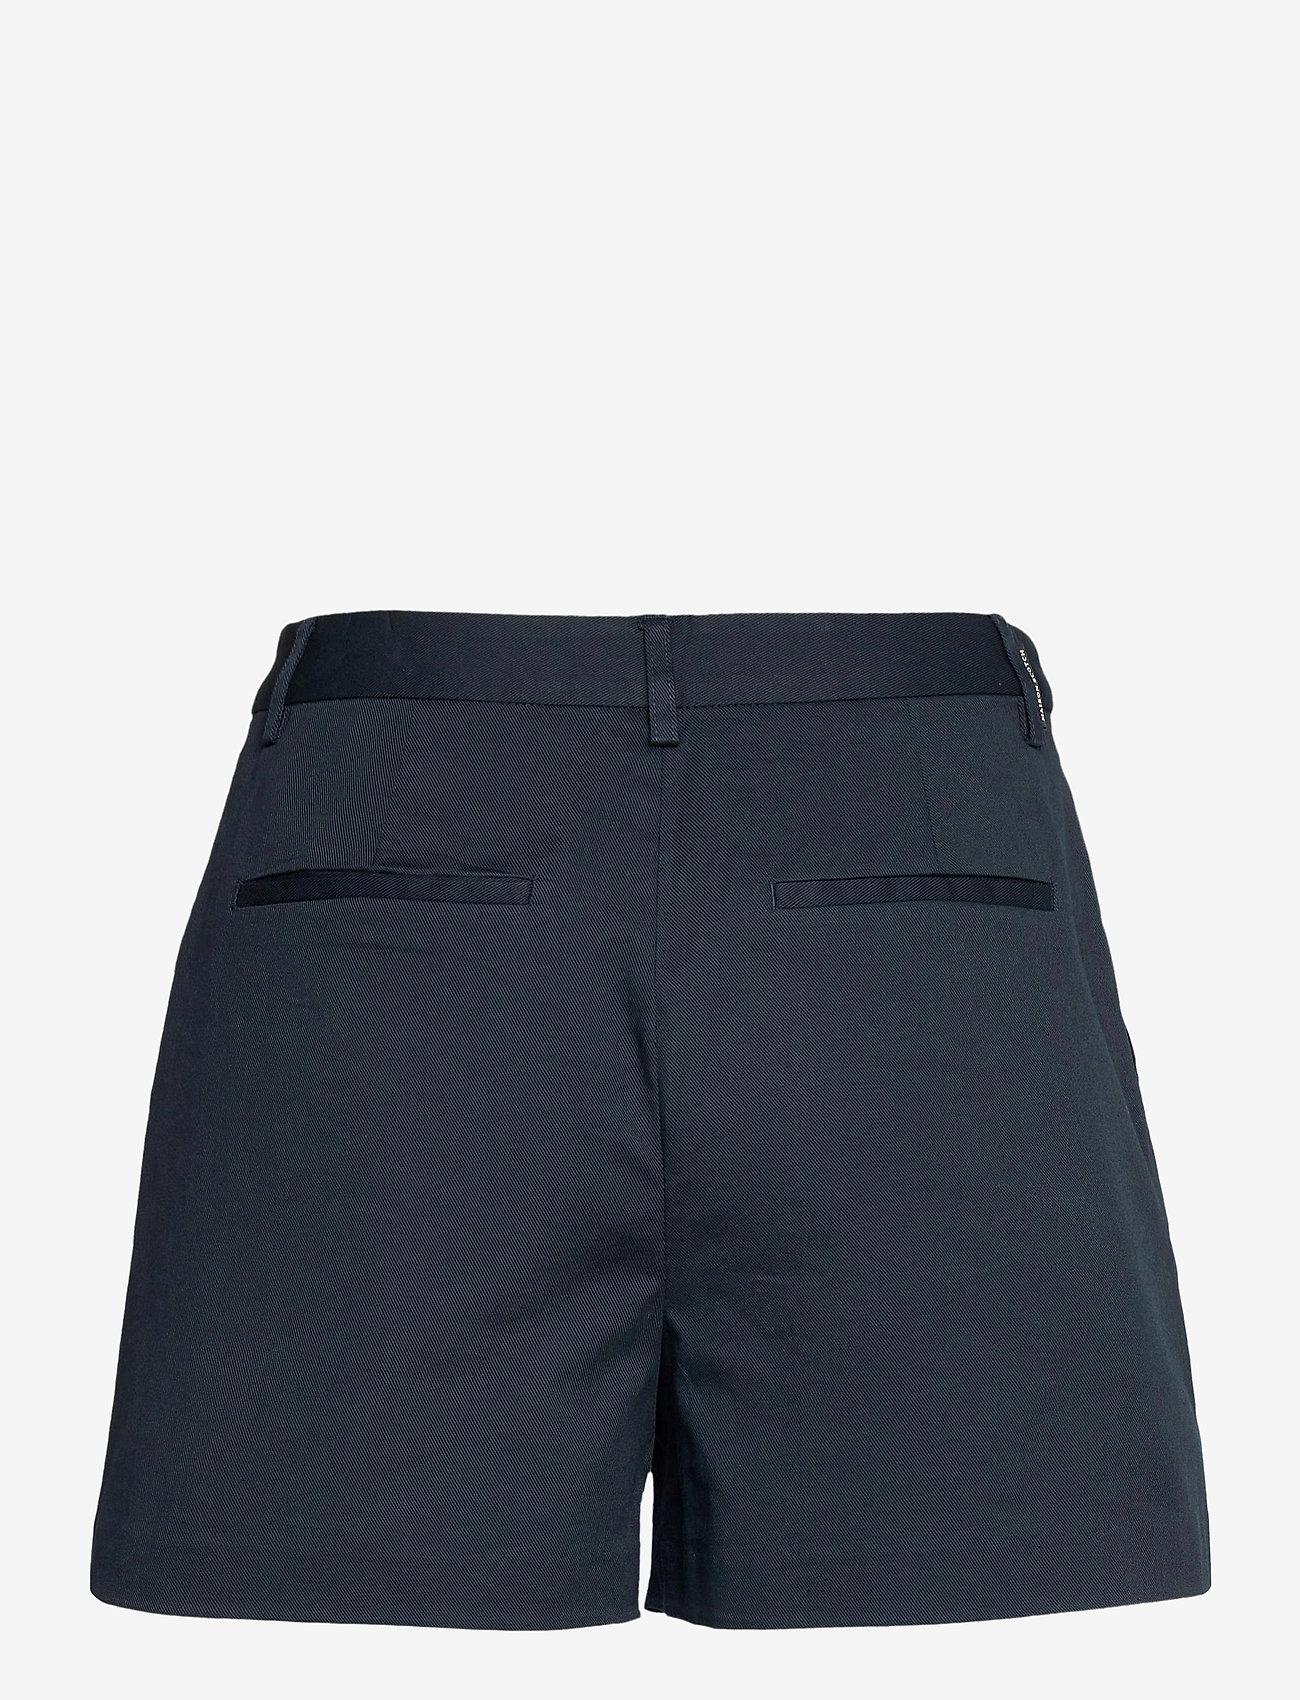 Scotch & Soda - 'Abott' organic cotton chino shorts - chino shorts - night - 1